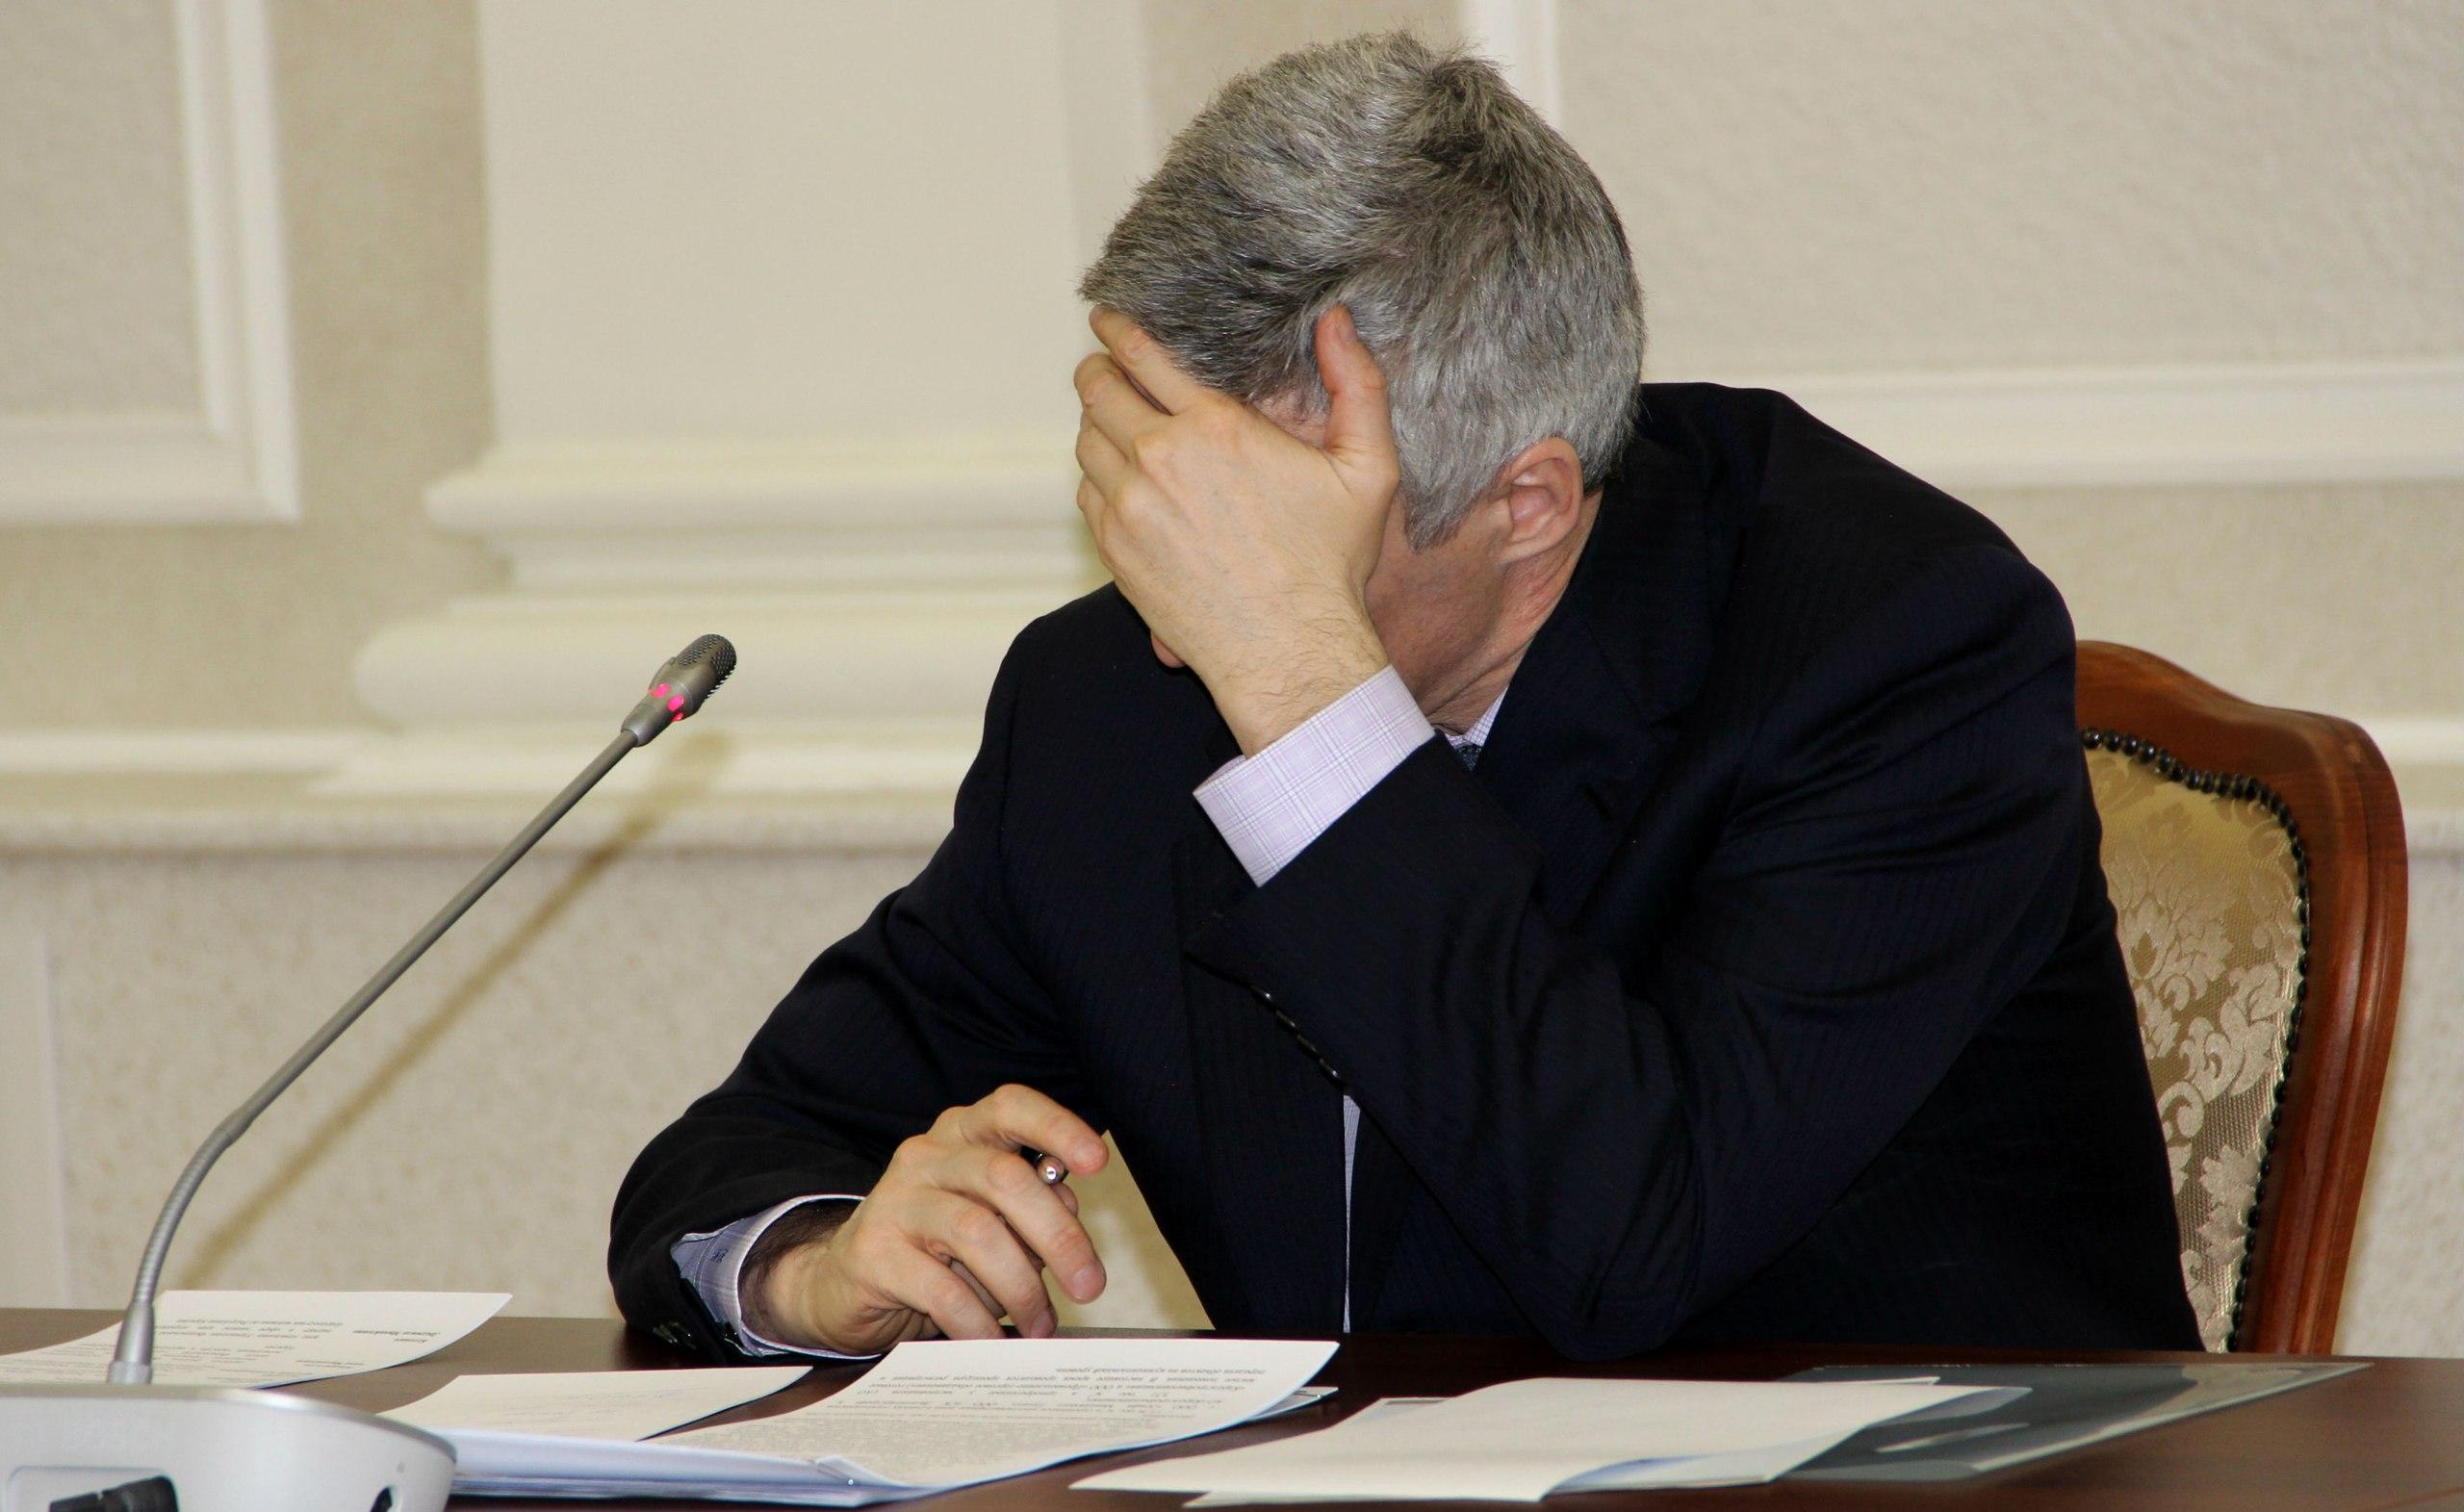 """Врио главы Карелии пришлось хвататься за голову от осознания того, какое ему досталось """"наследство"""" от экс-губернатора. Фото: Илона Радкевич"""